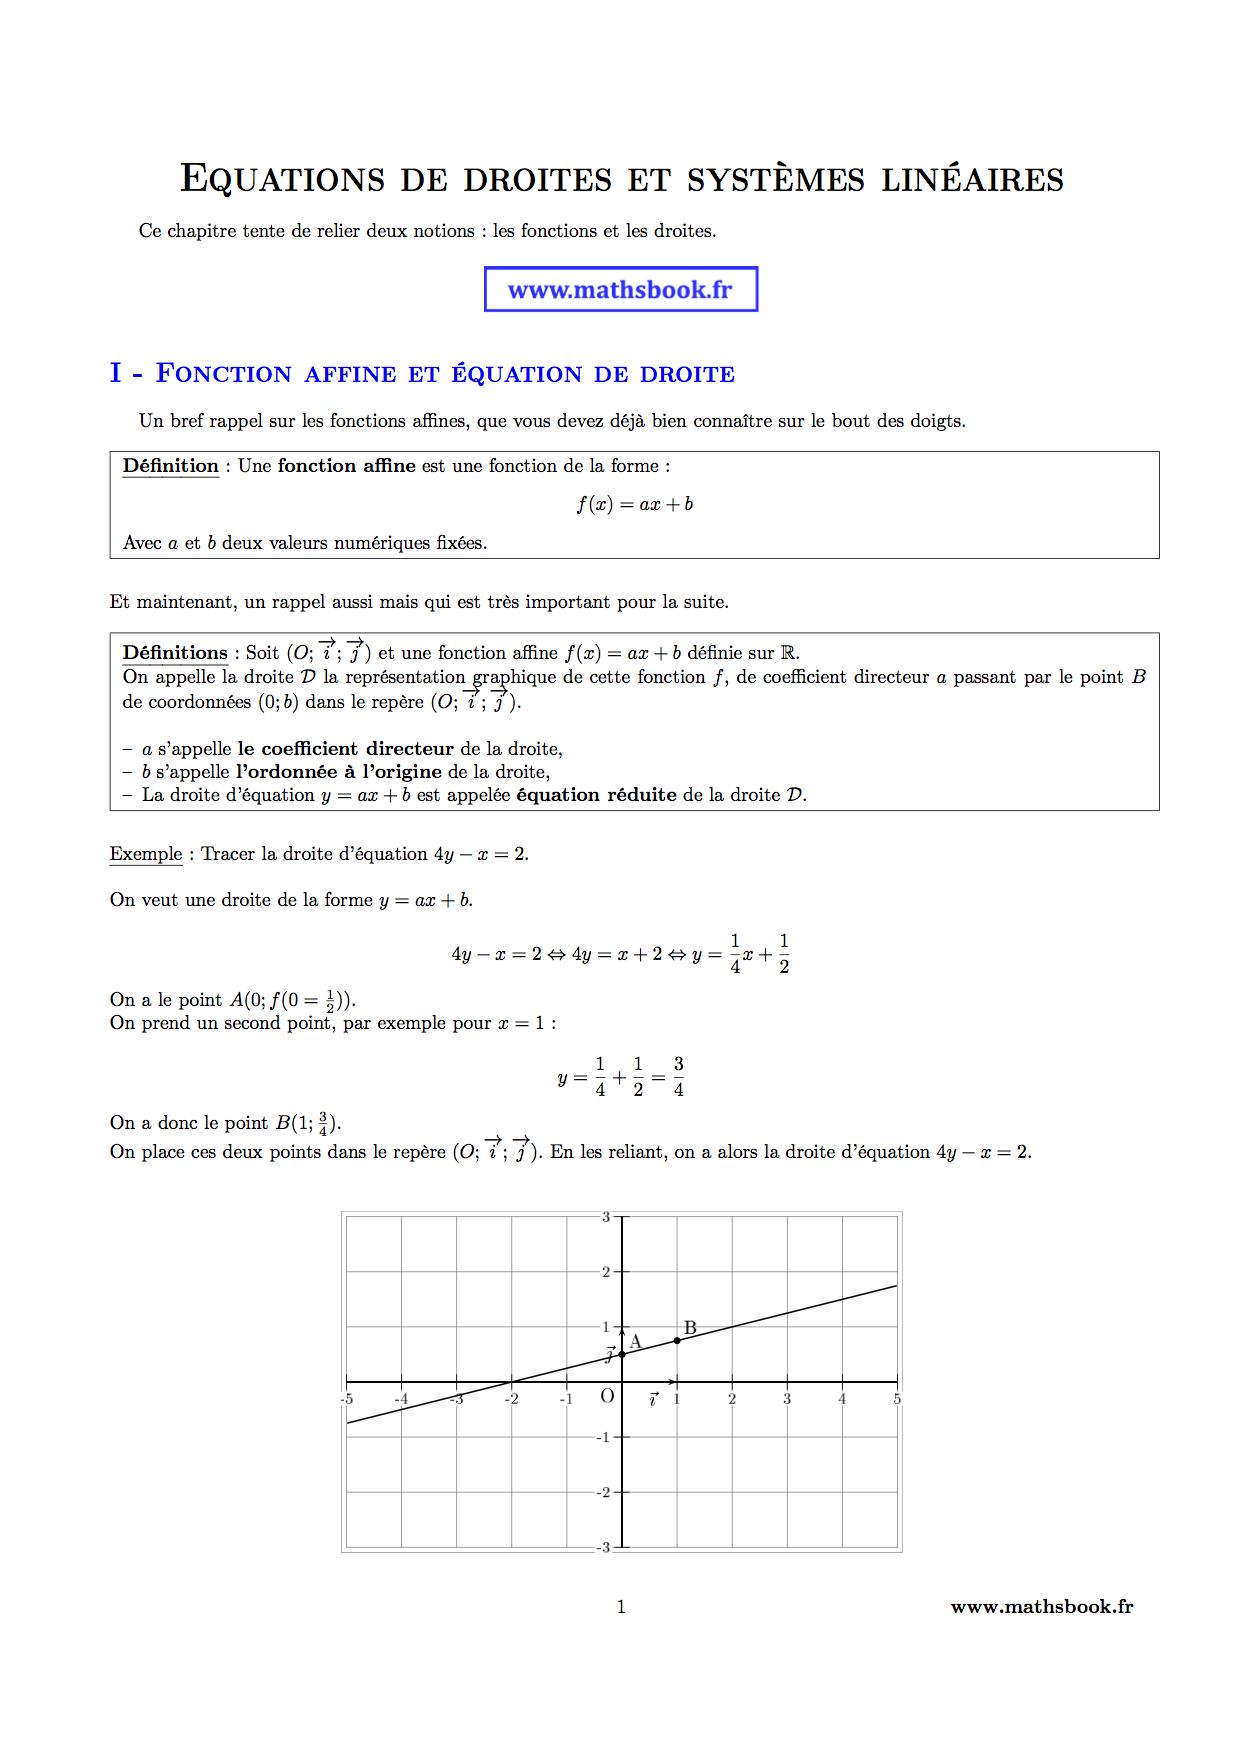 Maths équation de droites 2nde Mathématiques